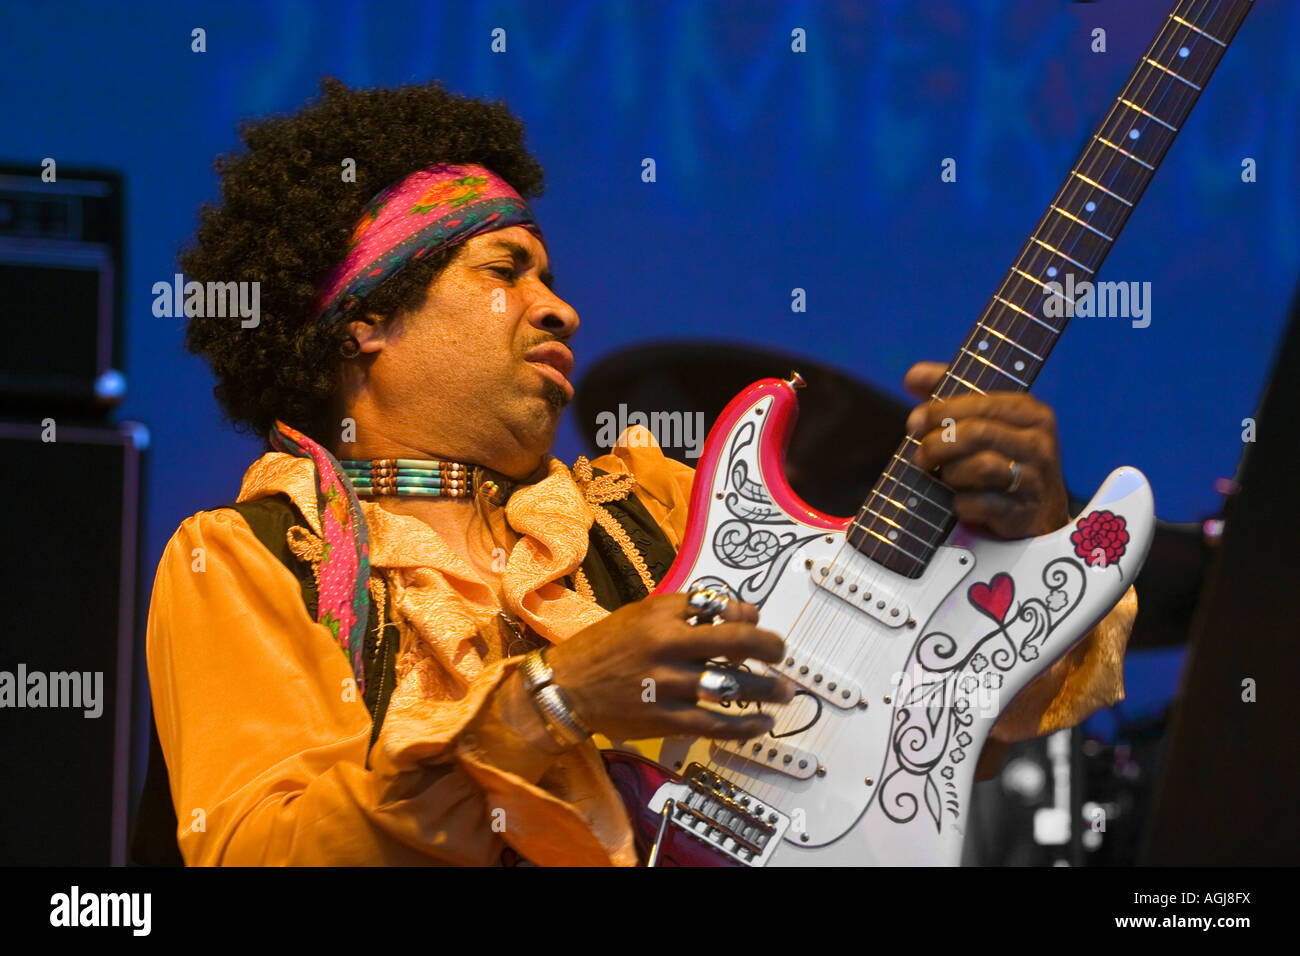 Jimi Hendrix - Isle Of Wight Vol. 1